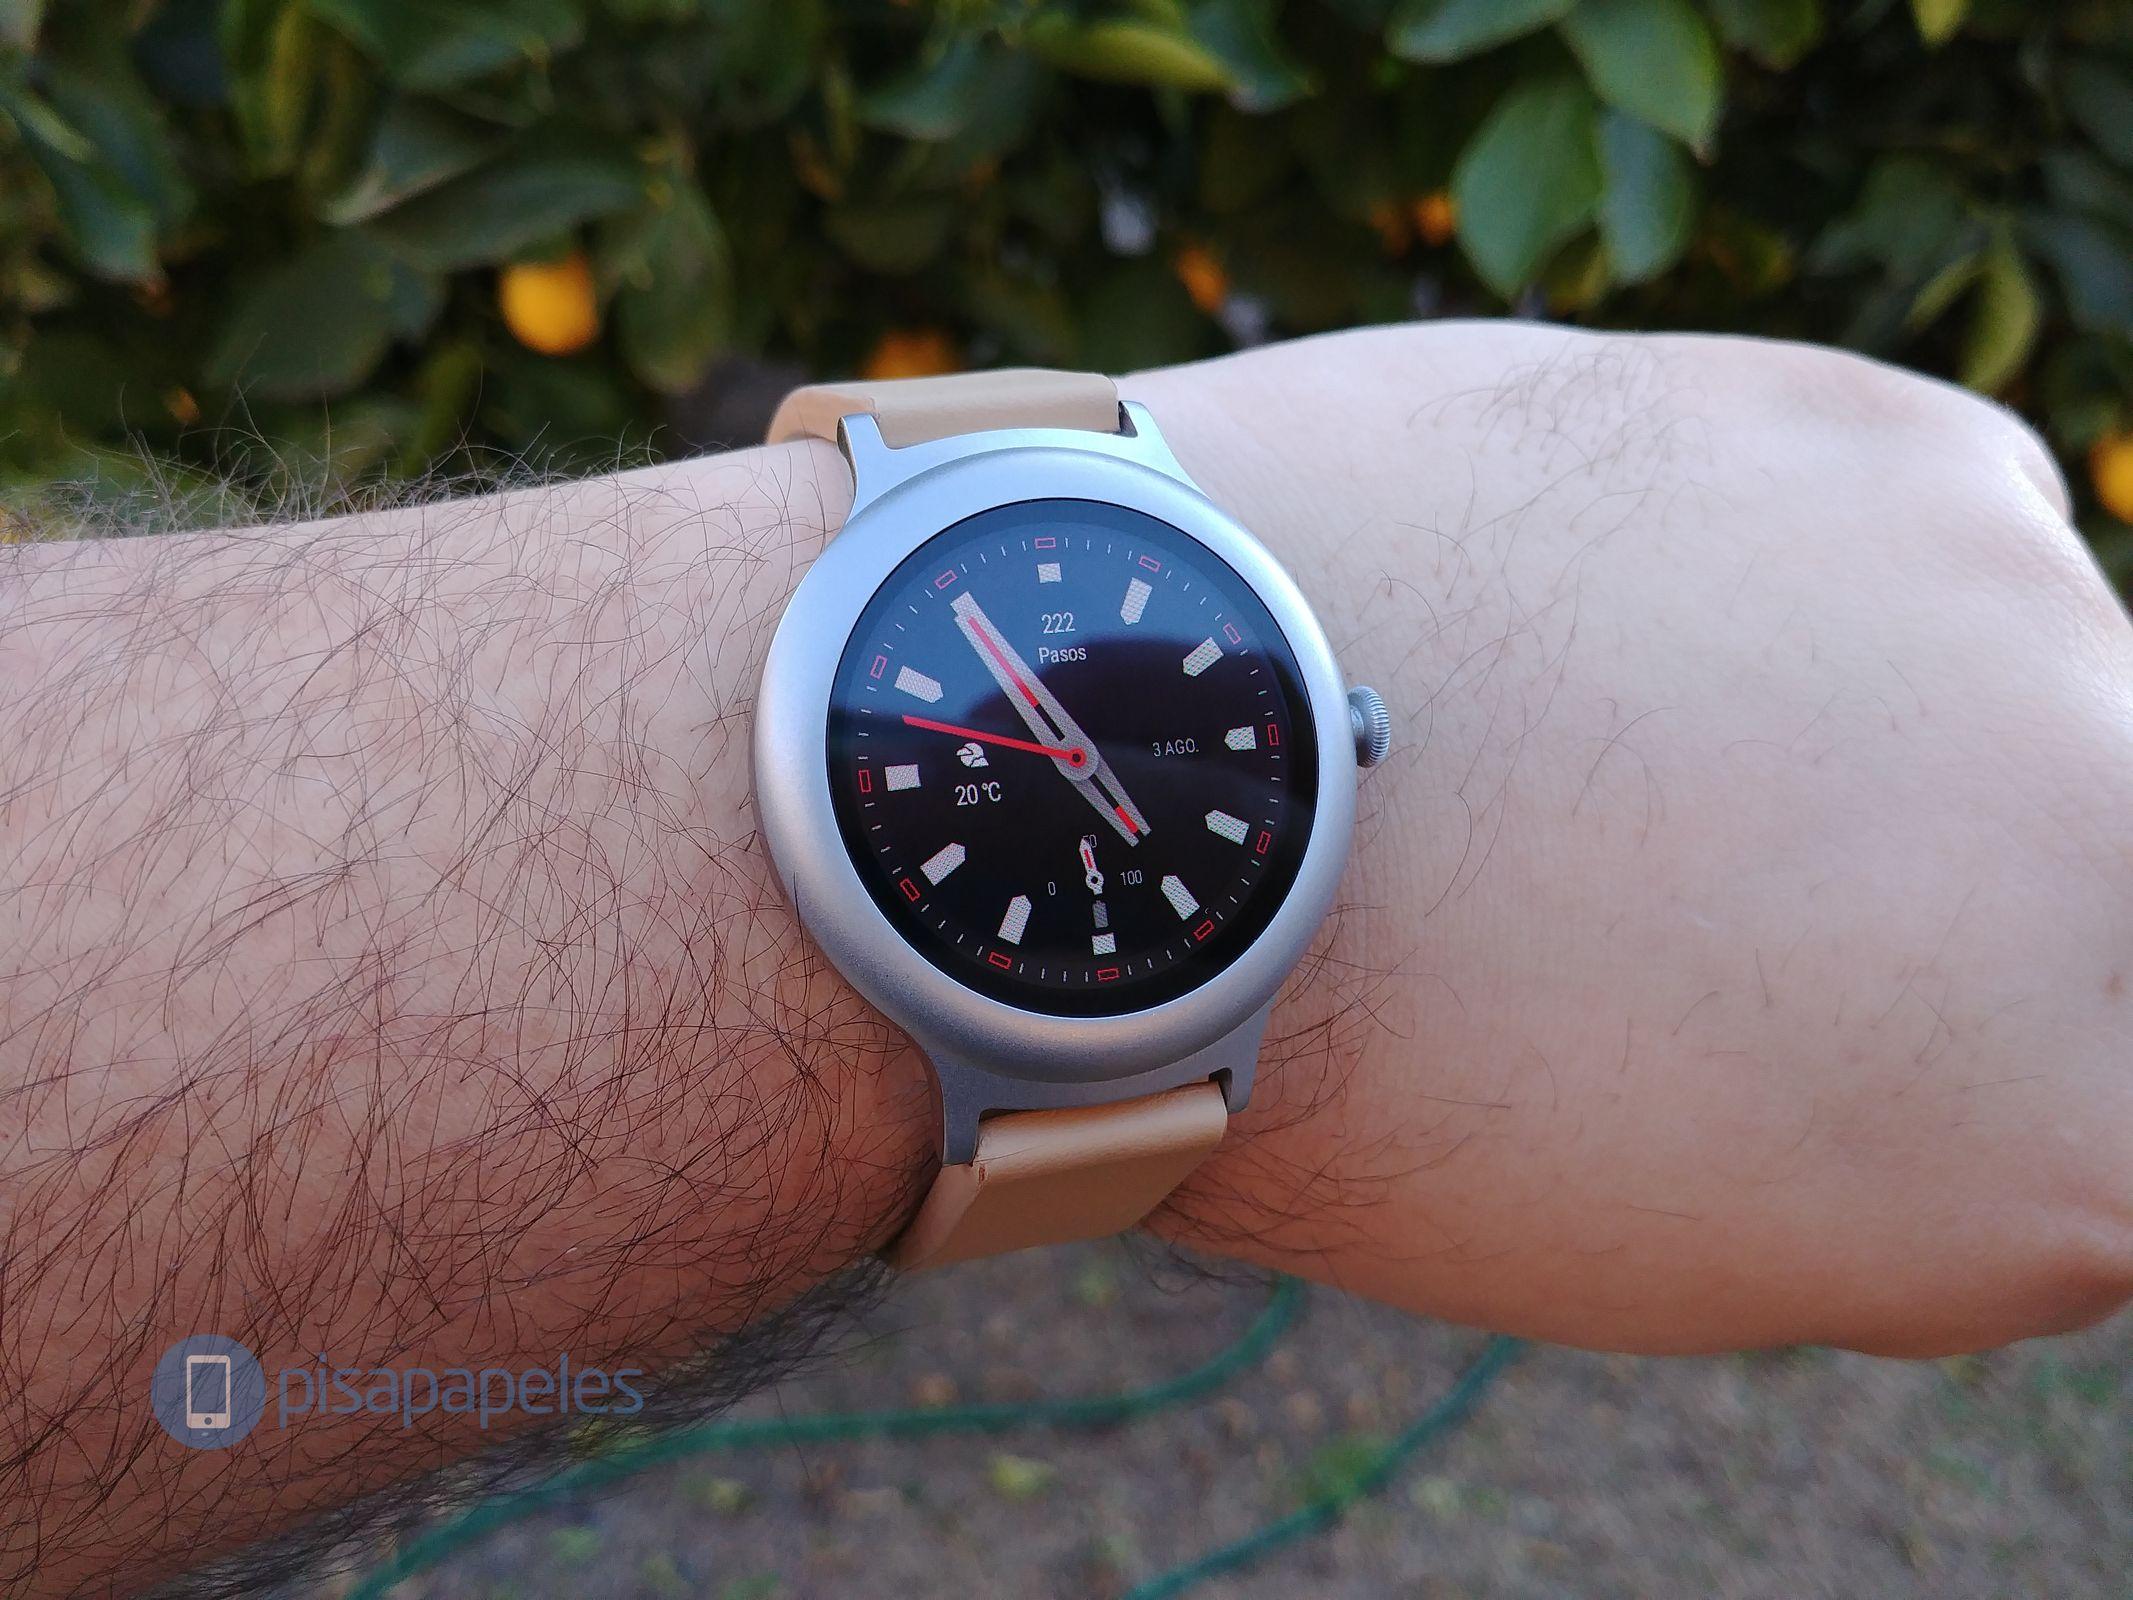 LG Saat Stilini İnceleyin 7